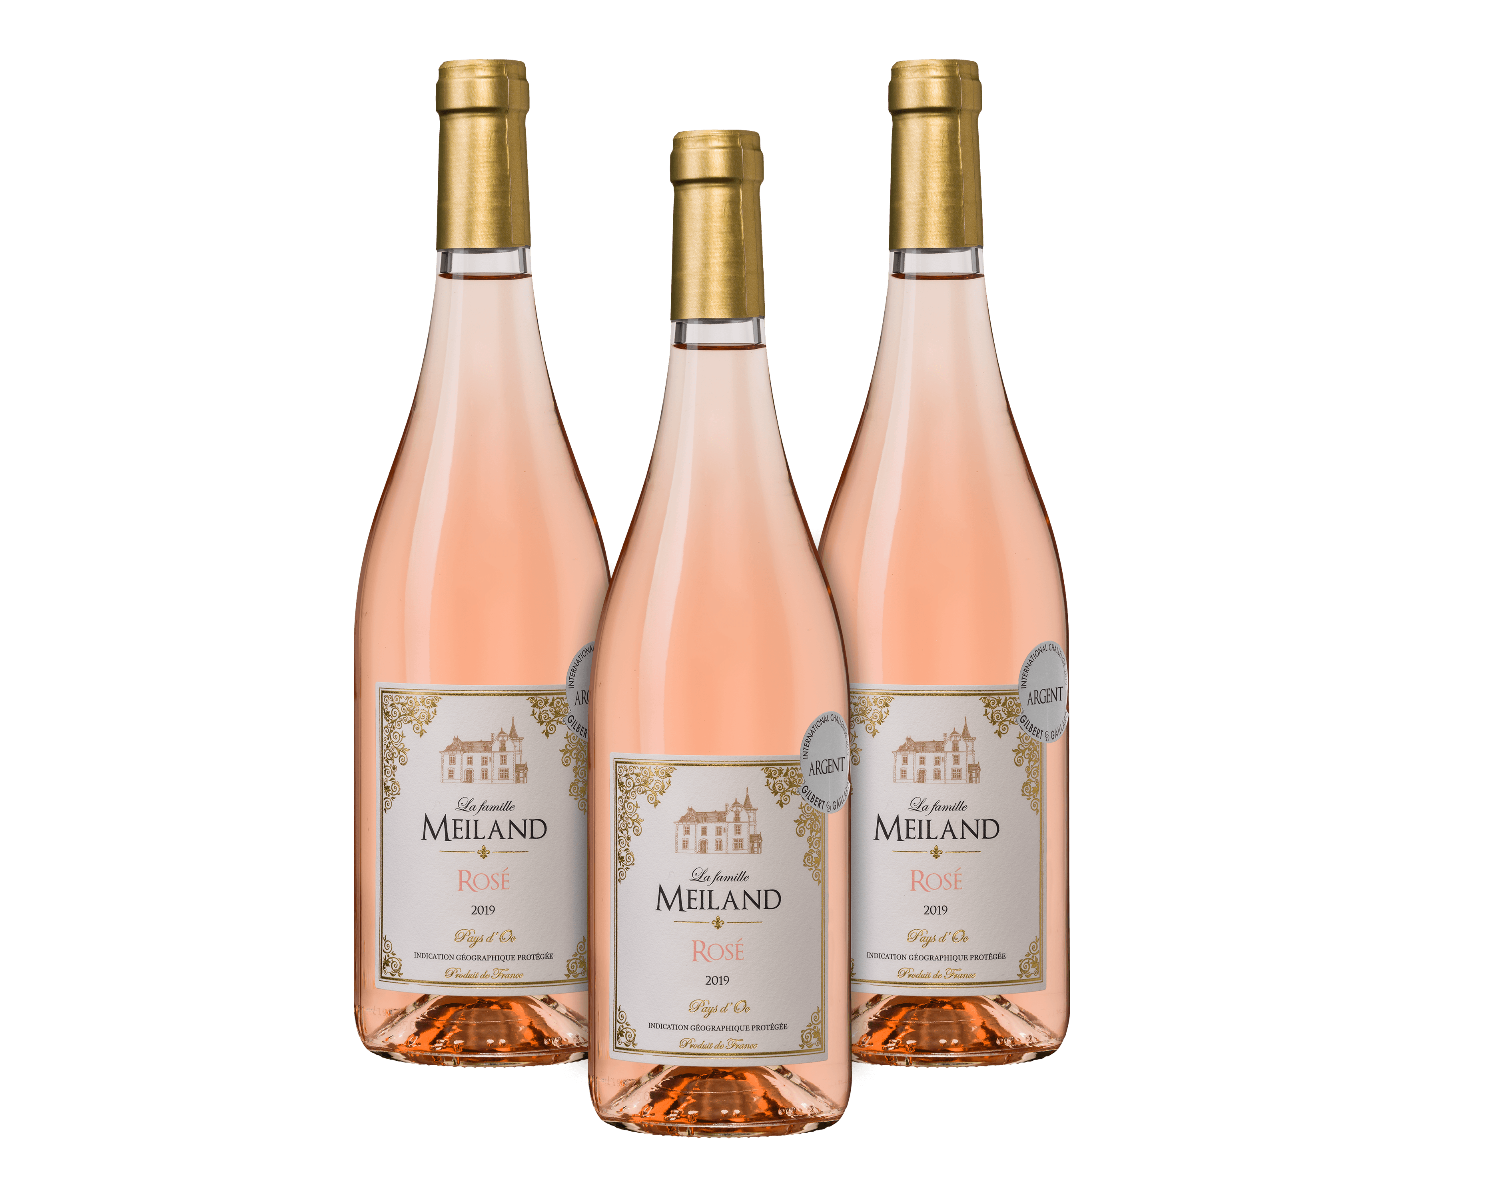 La famille Meiland Rosé (3 flessen) wijnvoordeel.nl